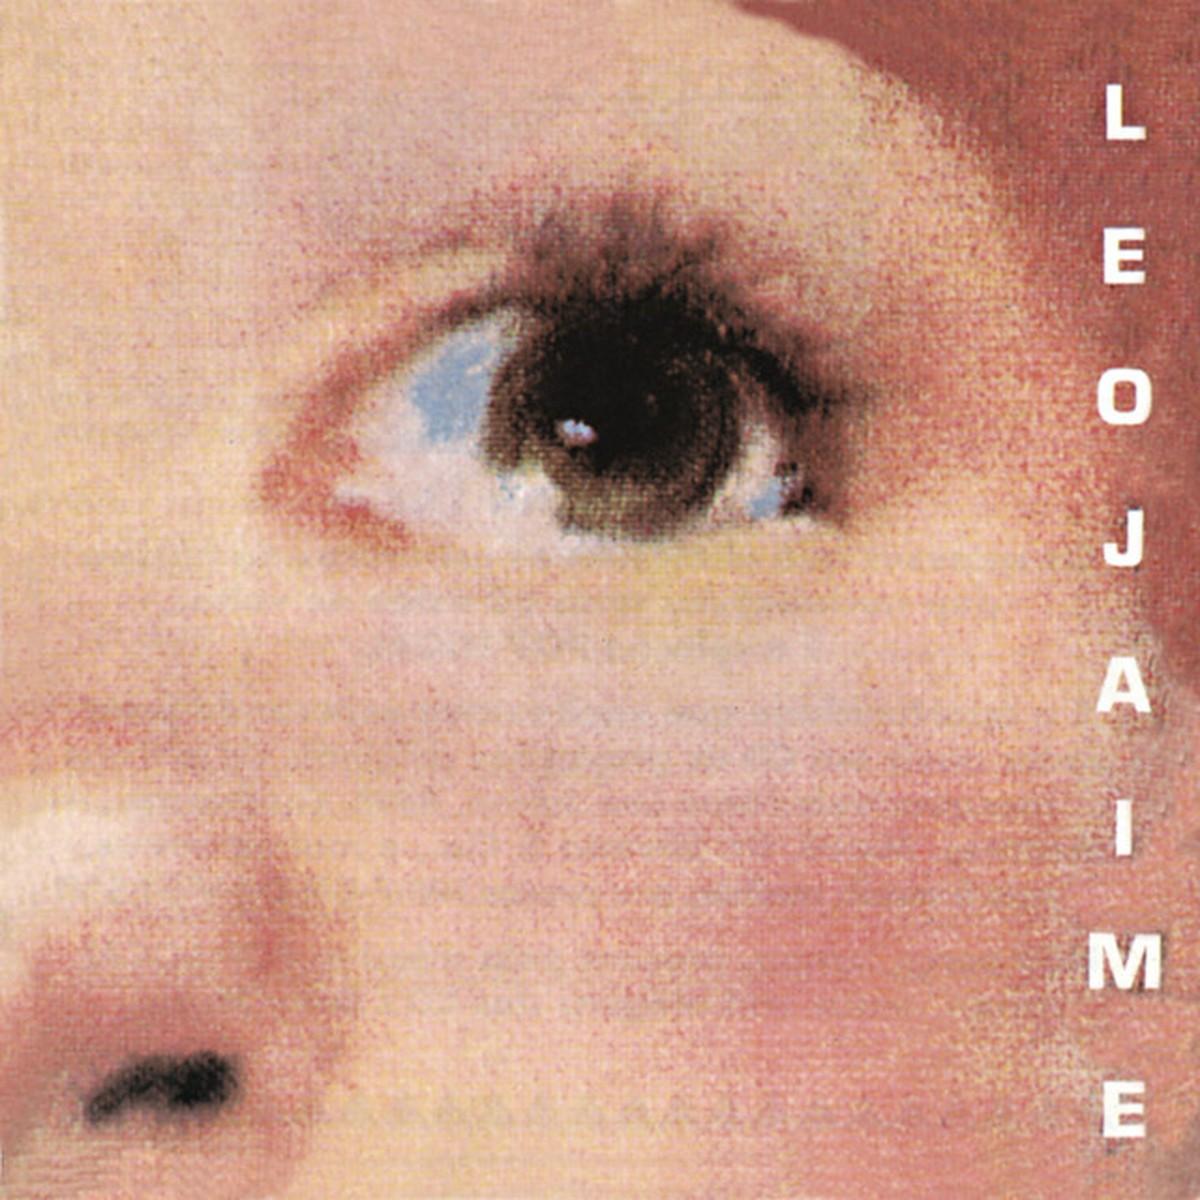 Discos para descobrir em casa – 'Avenida das desilusões', Leo Jaime, 1989 | Blog do Mauro Ferreira